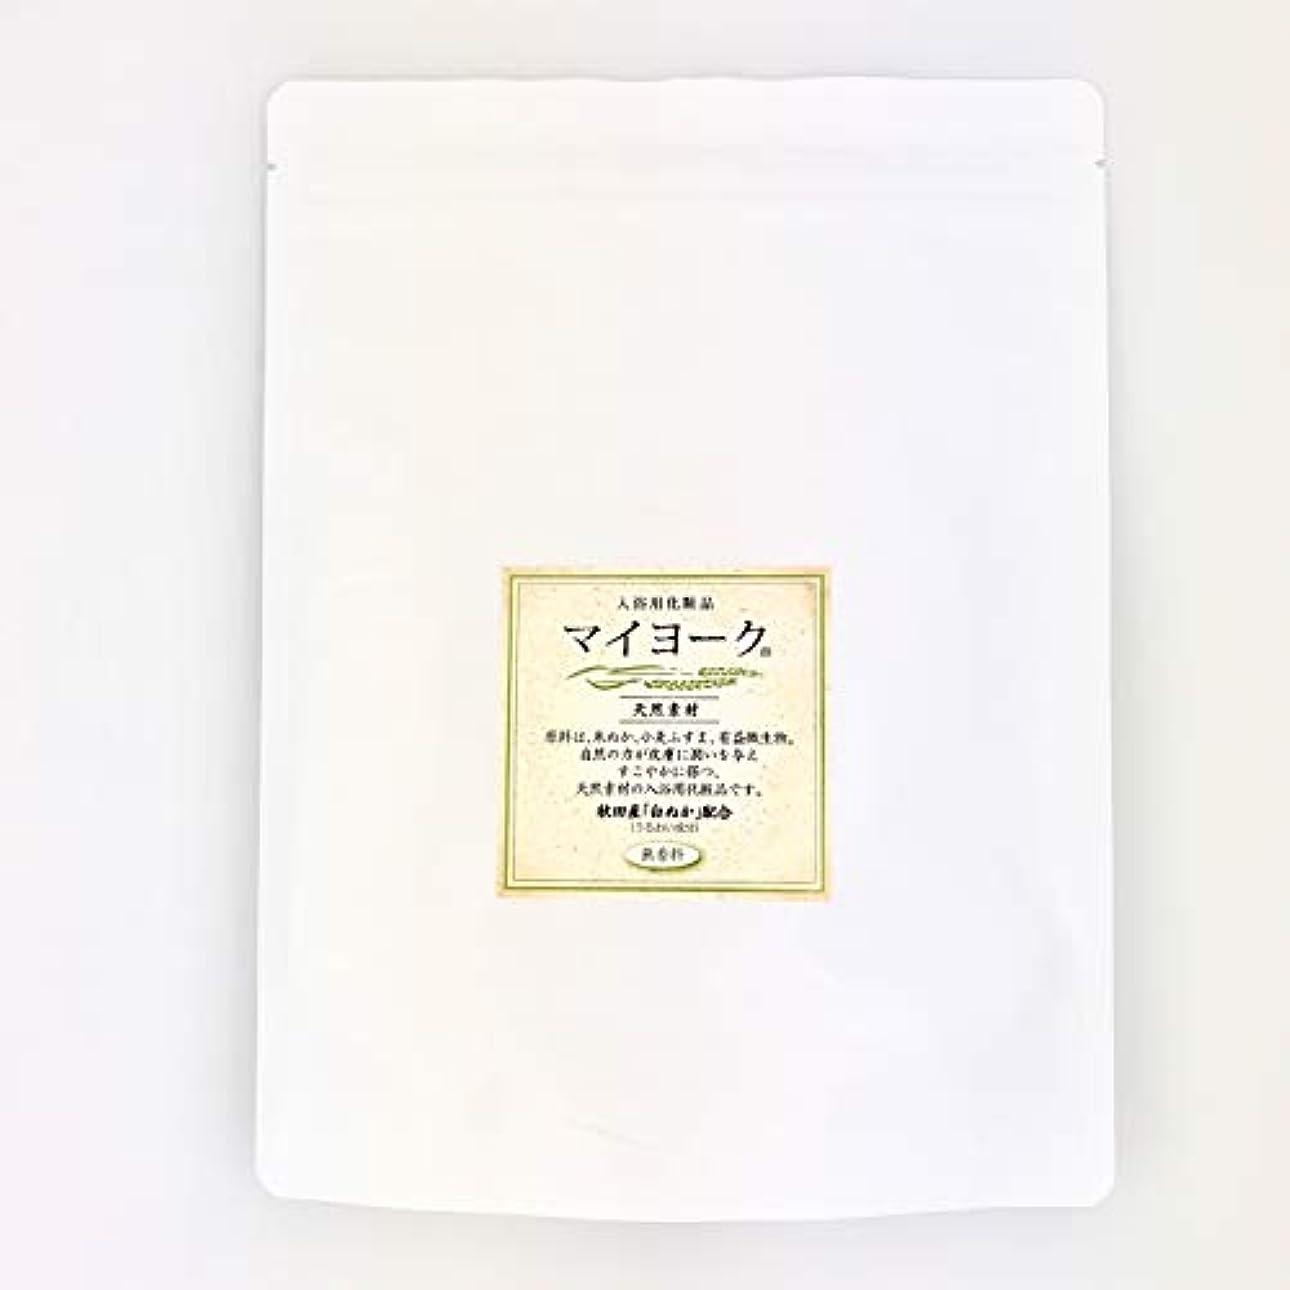 居心地の良いラフト頻繁に入浴用化粧品マイヨーク 10個入